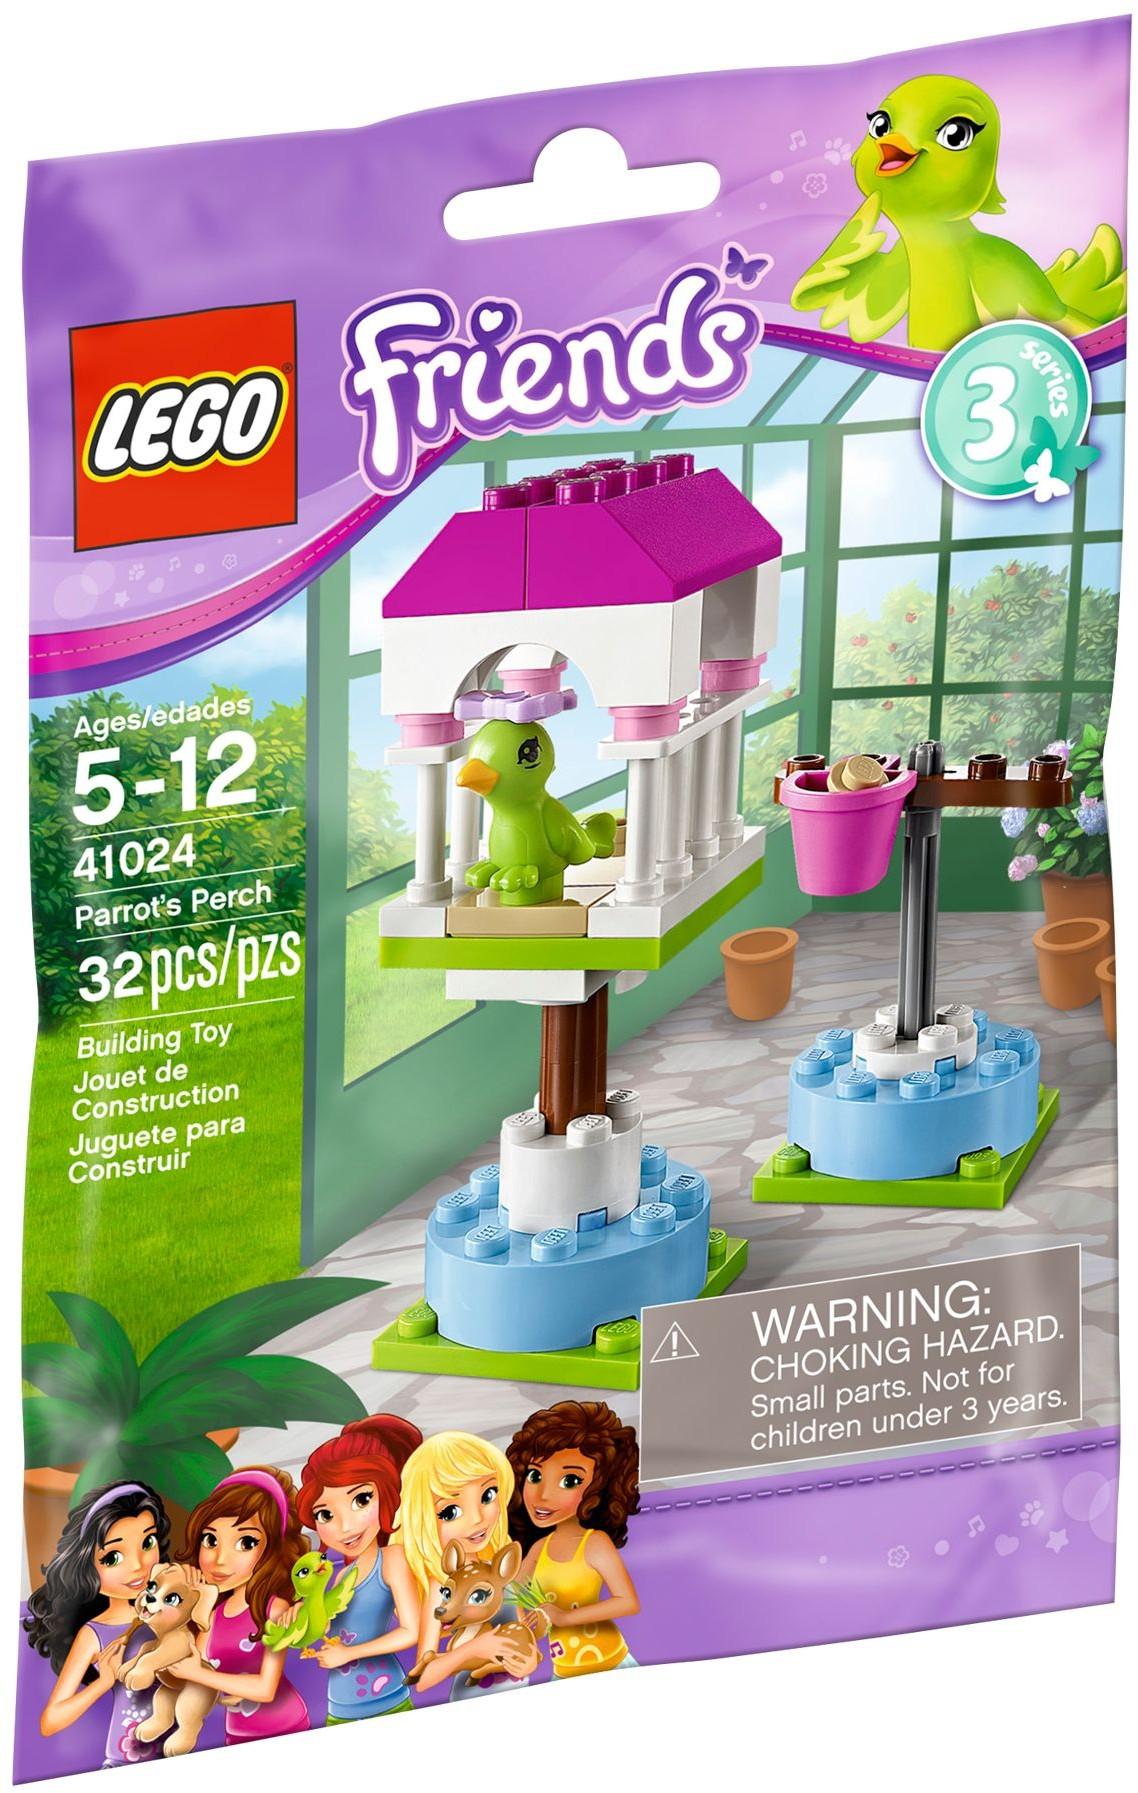 Lego friends jeux en ligne - Jeux lego friends gratuit ...